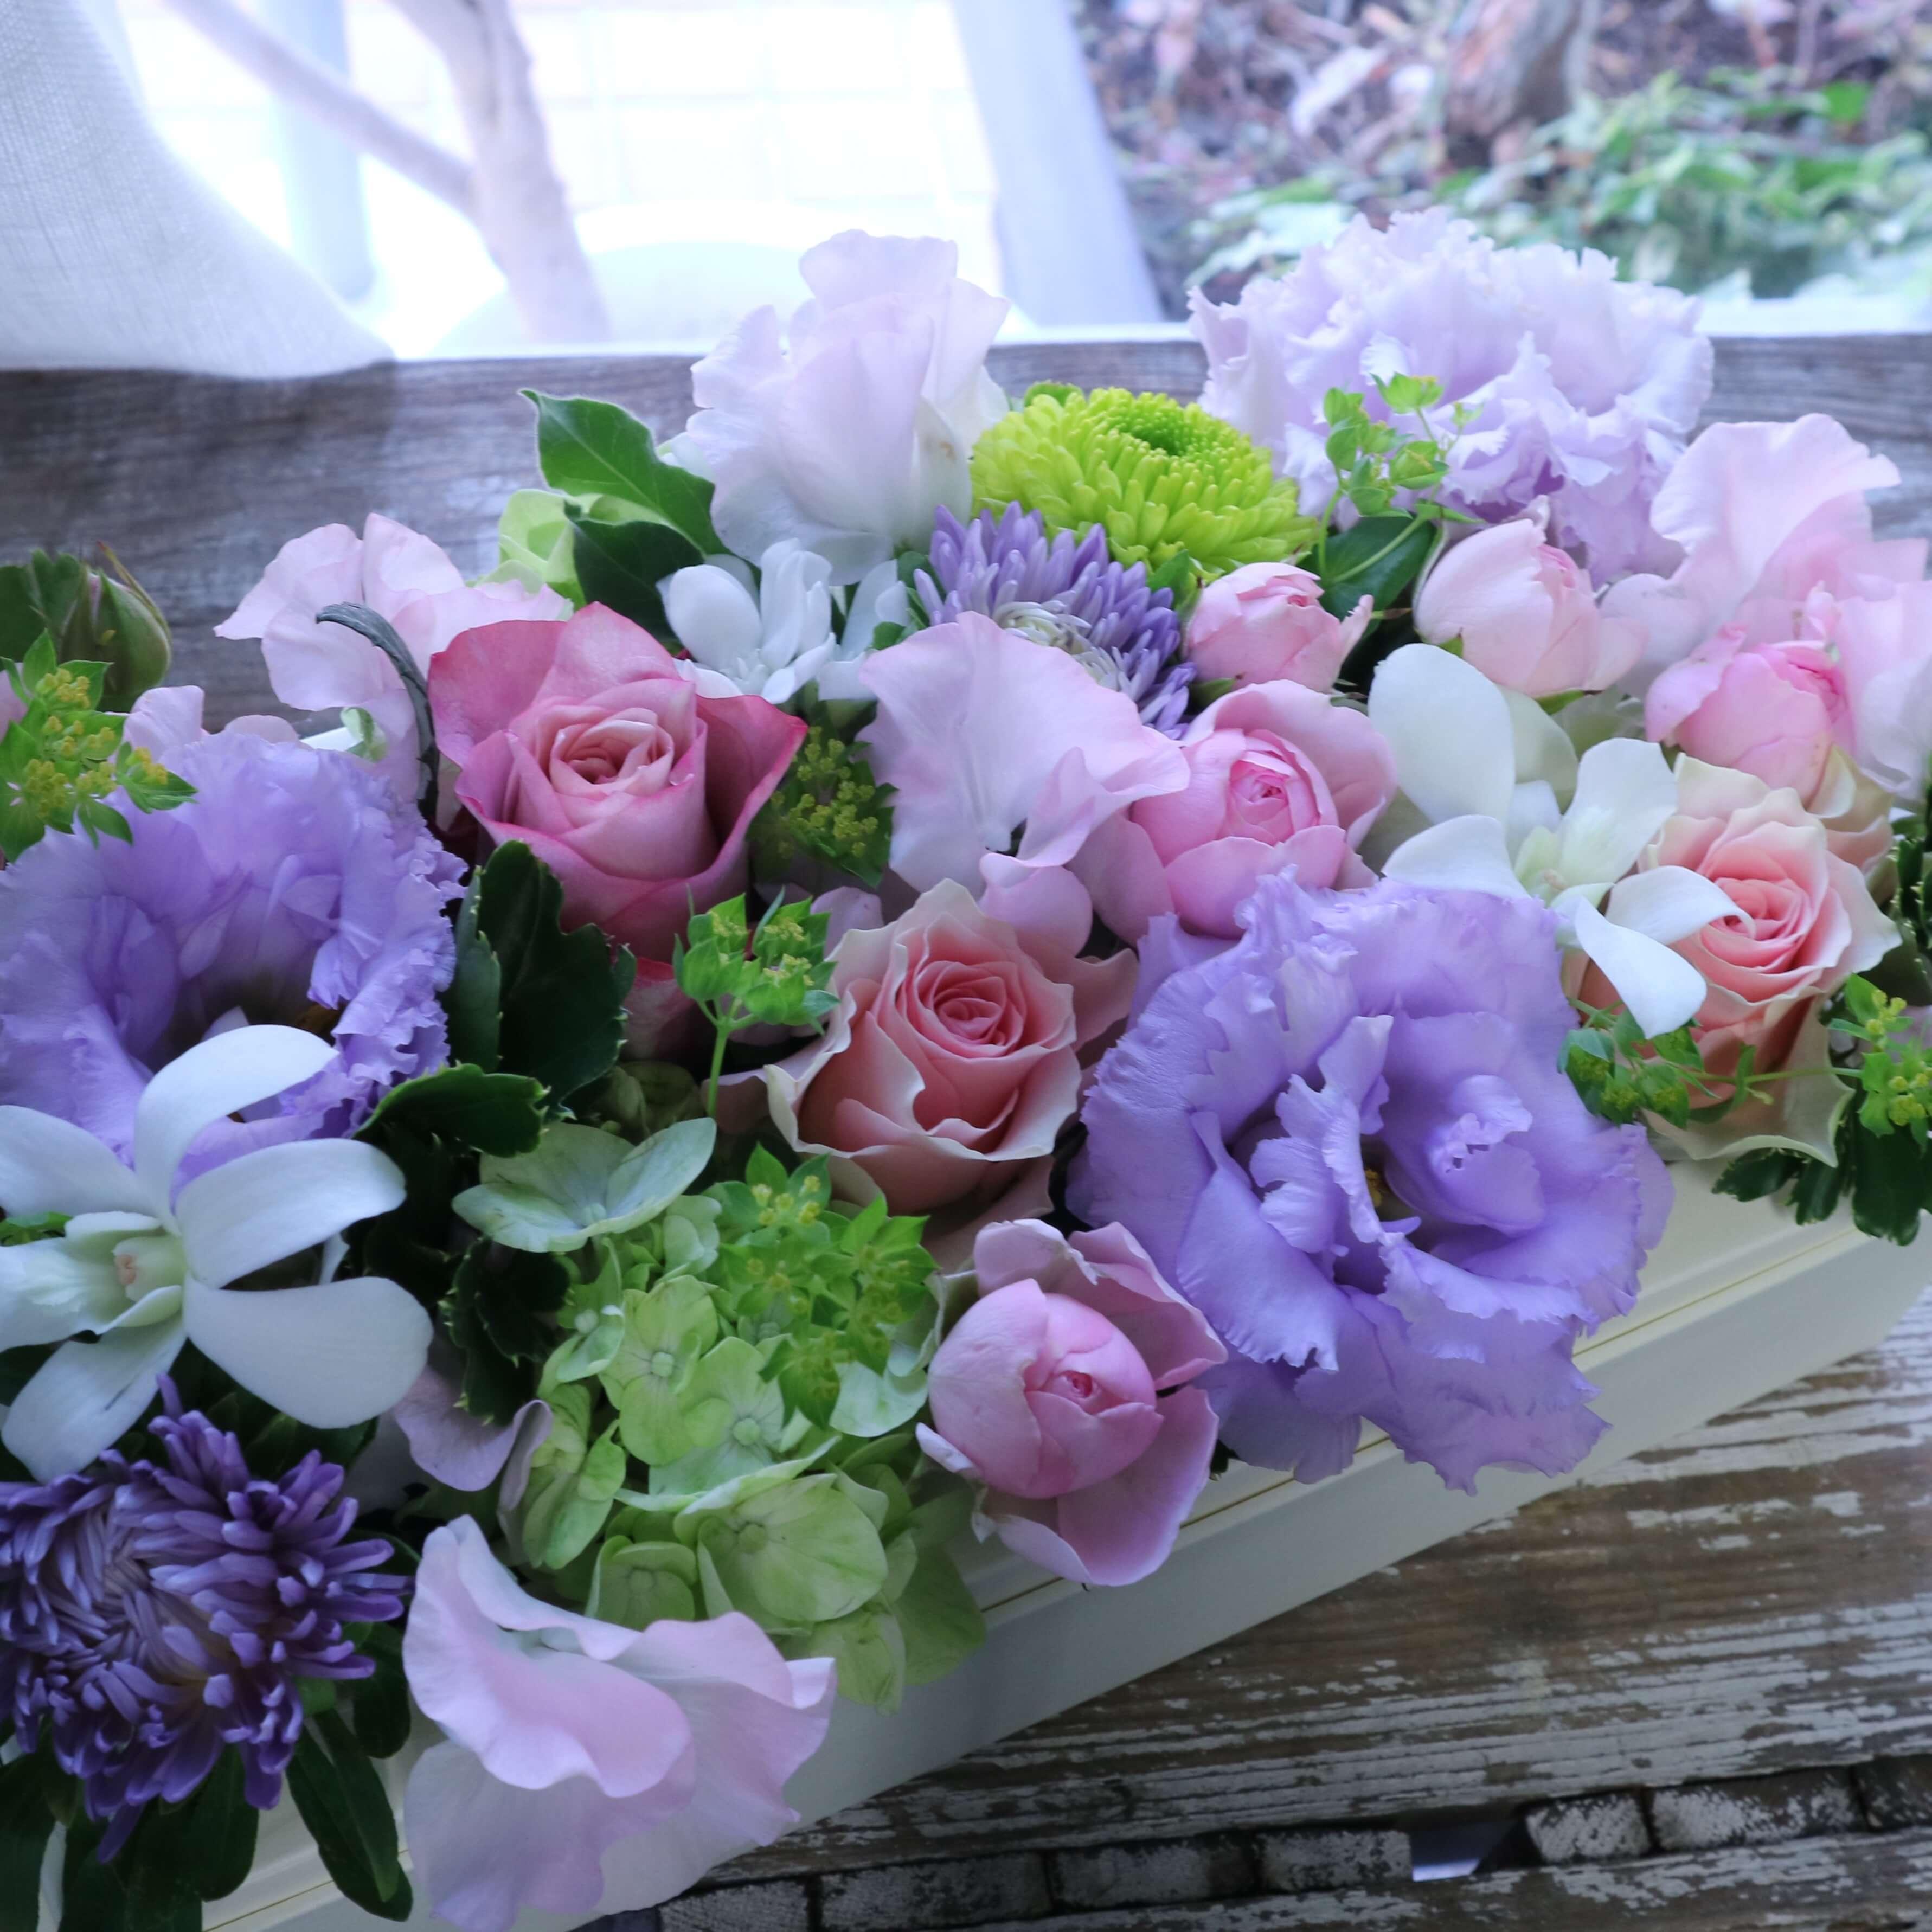 ボックスフラワーアレンジメント 色味:大人なニュアンスカラーを季節のお花でおまかせ の参考画像です